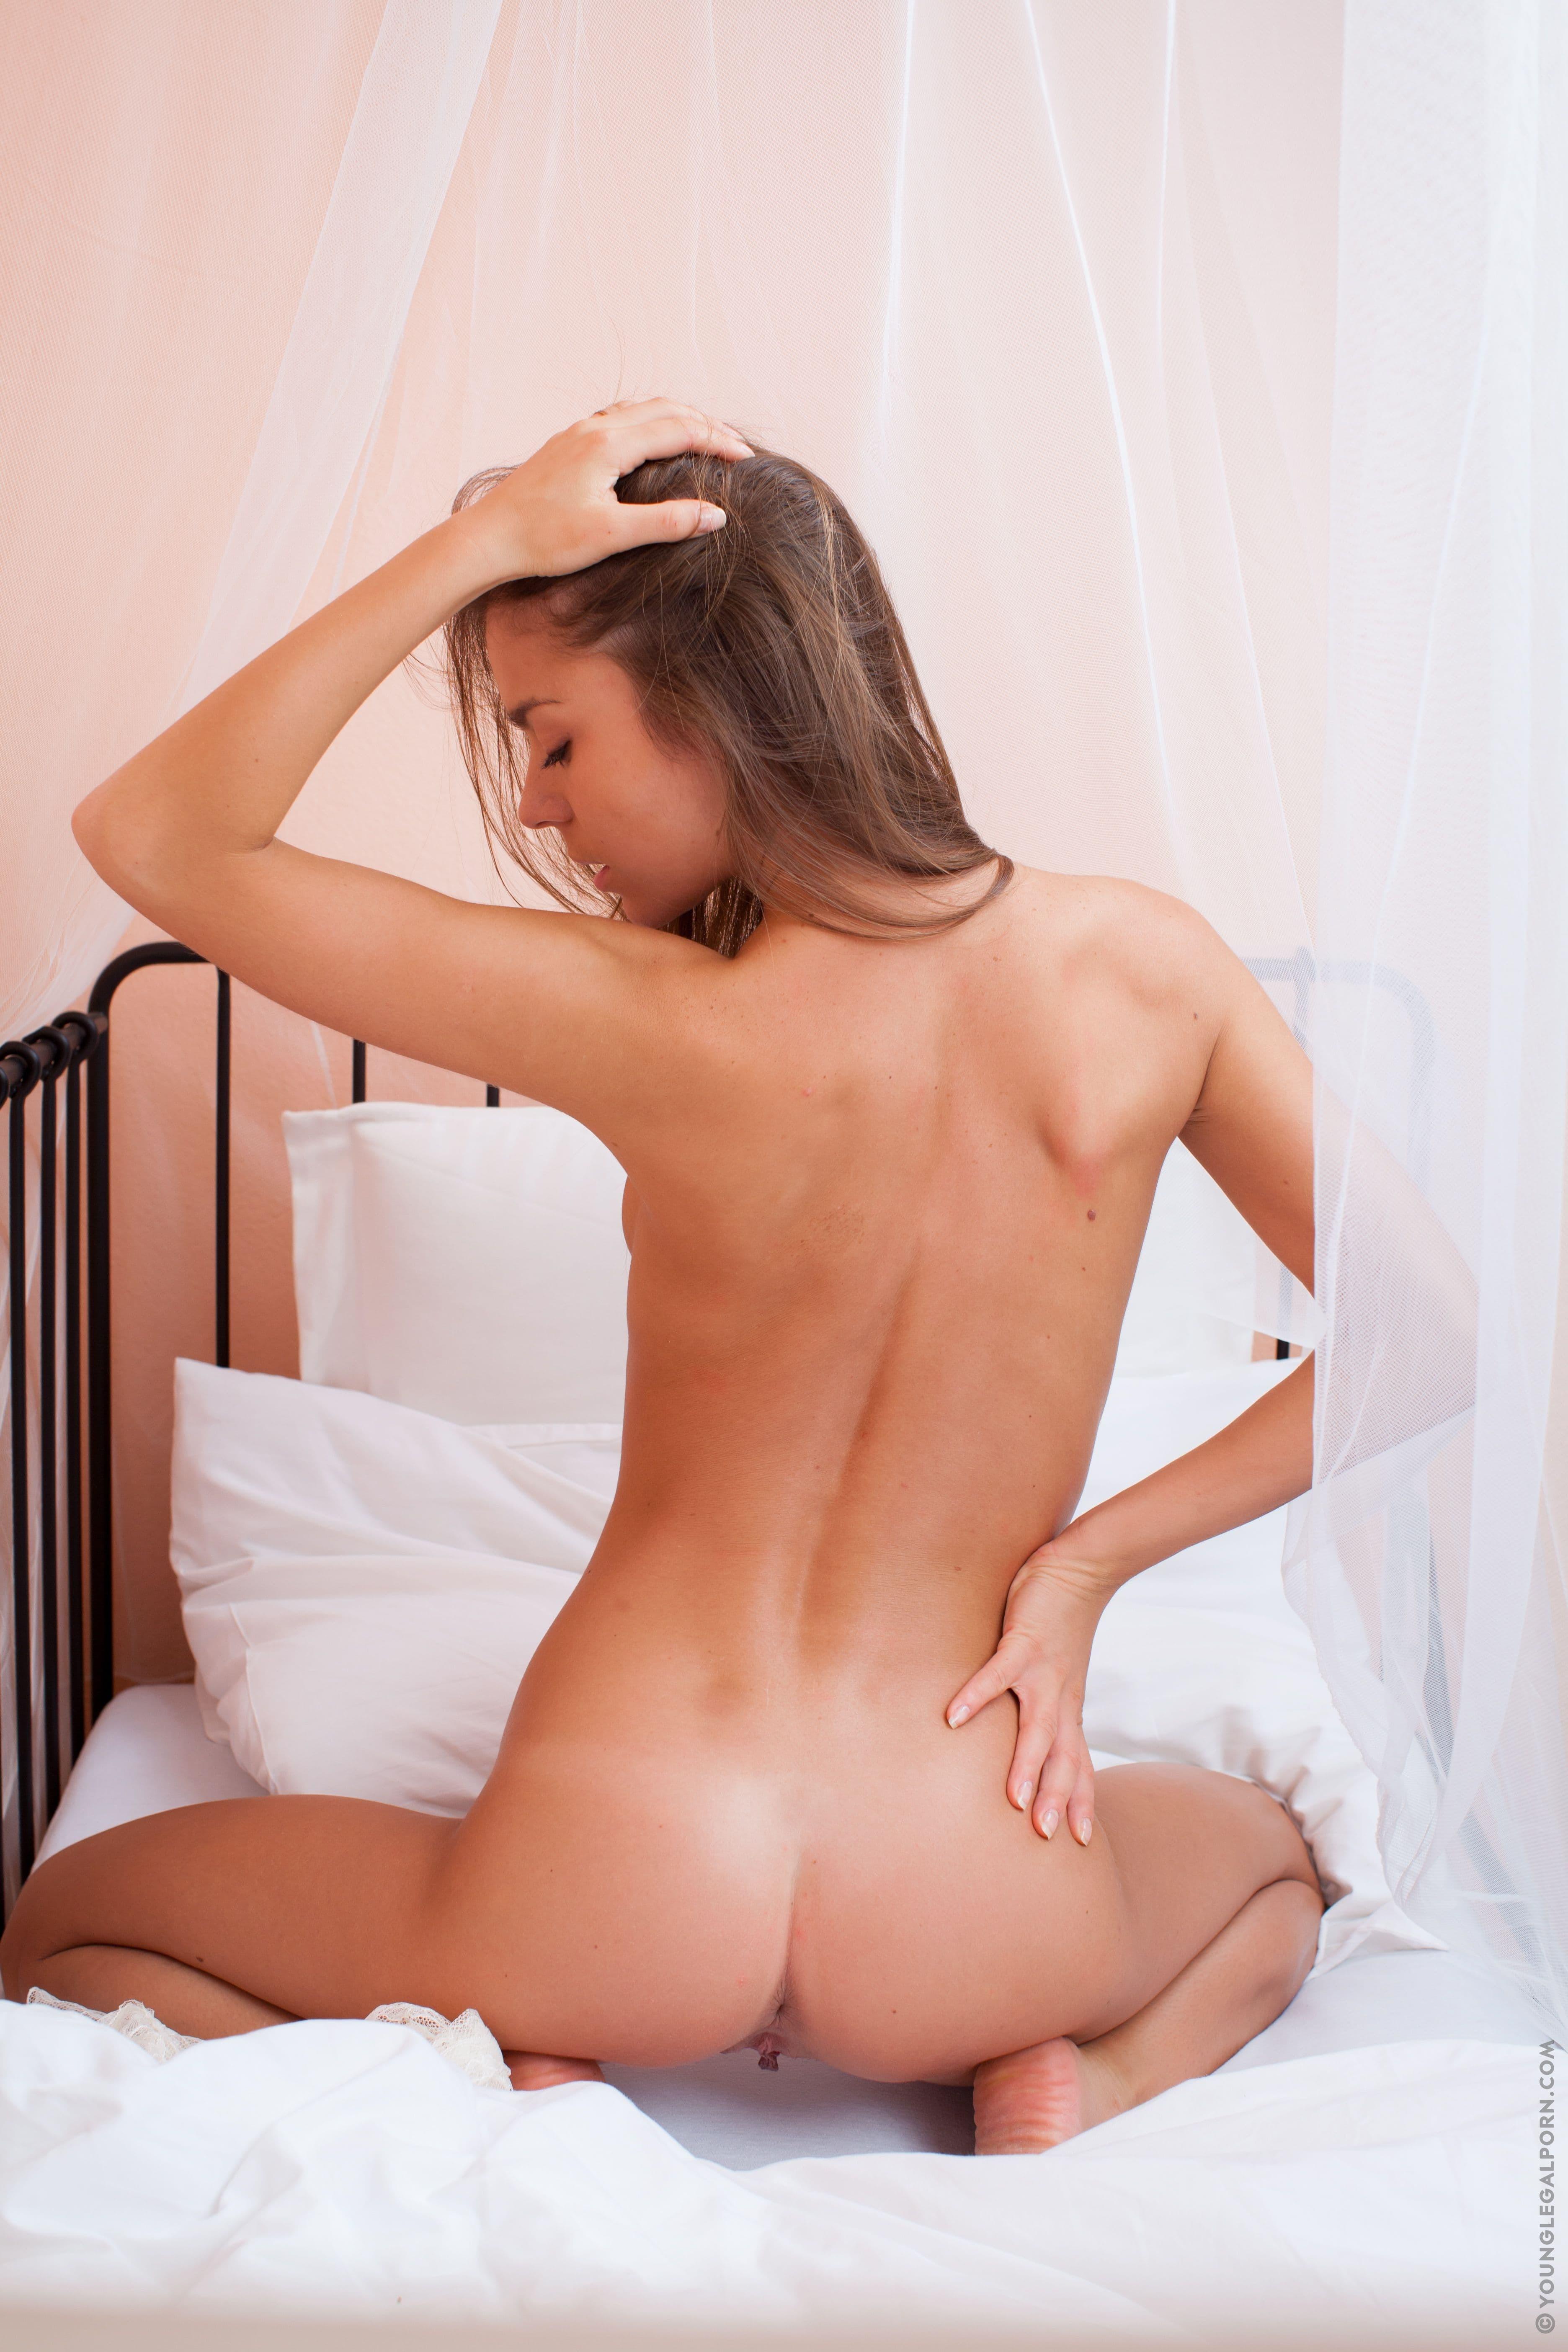 Возбужденная шатенка трогает сиськи на кровати - фото